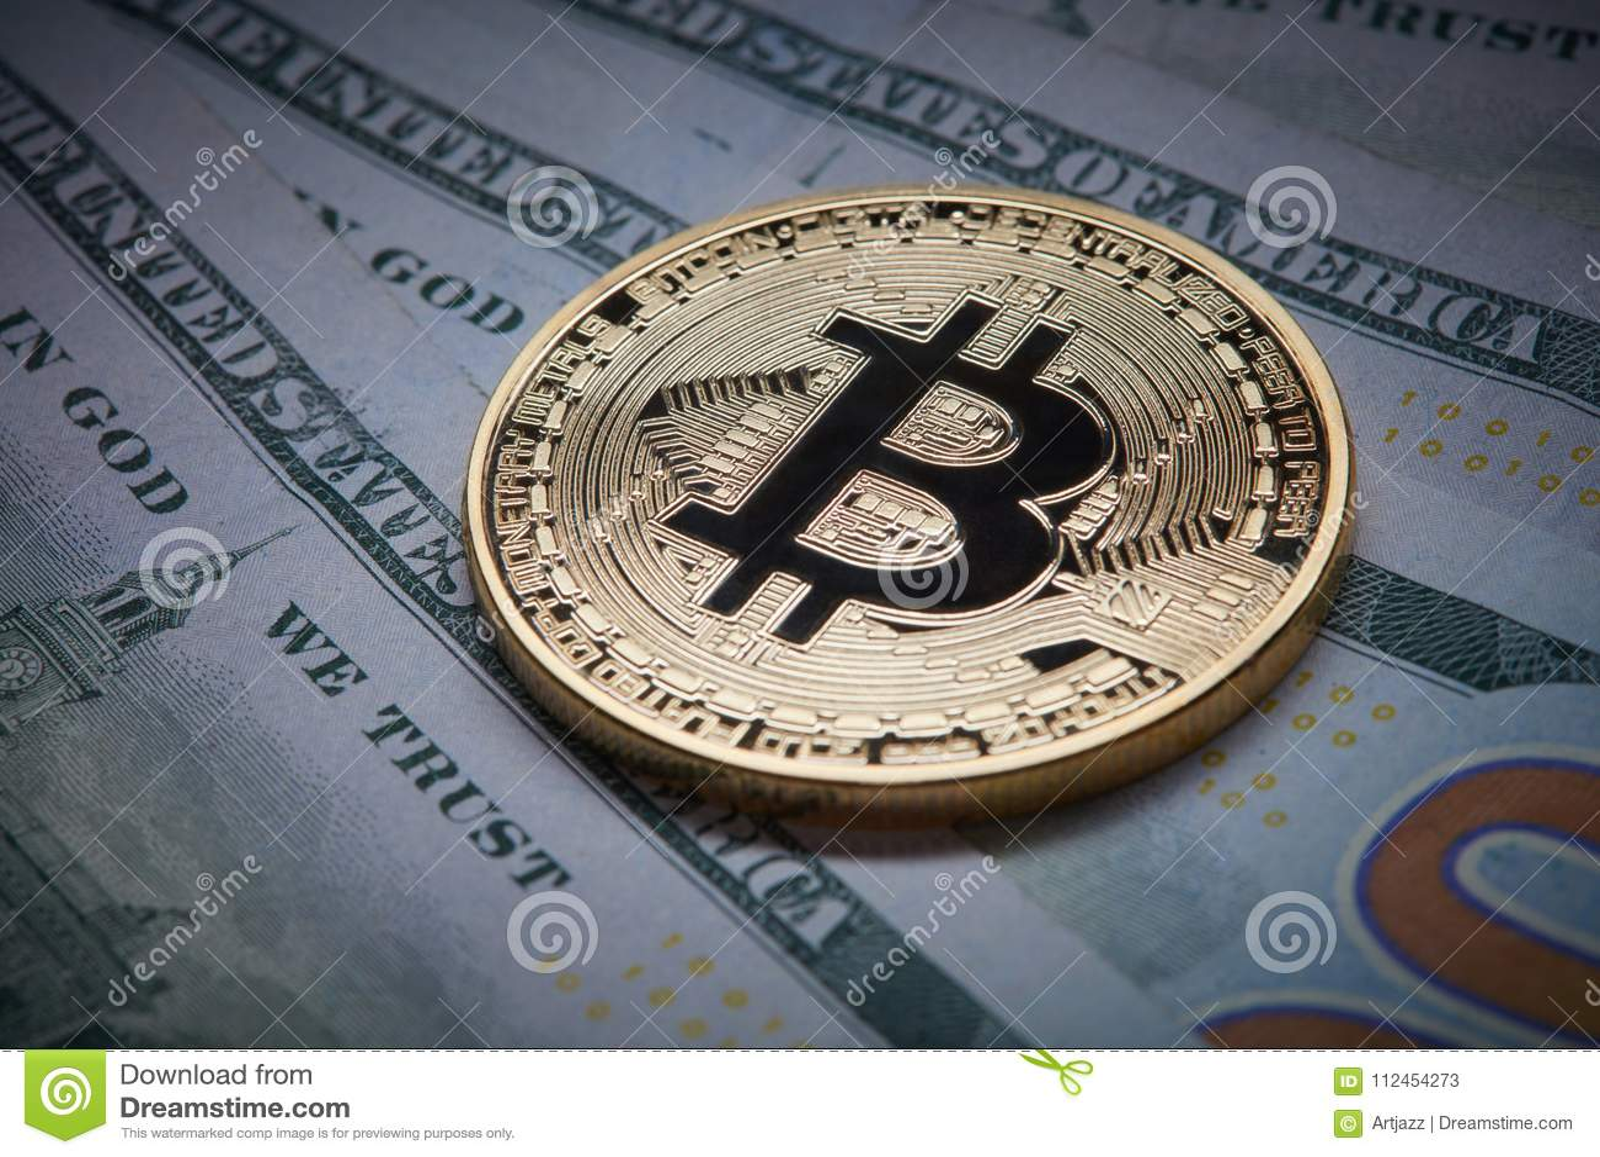 openbazaar bitcoin cea mai bună platformă de investiții cryptocurrency